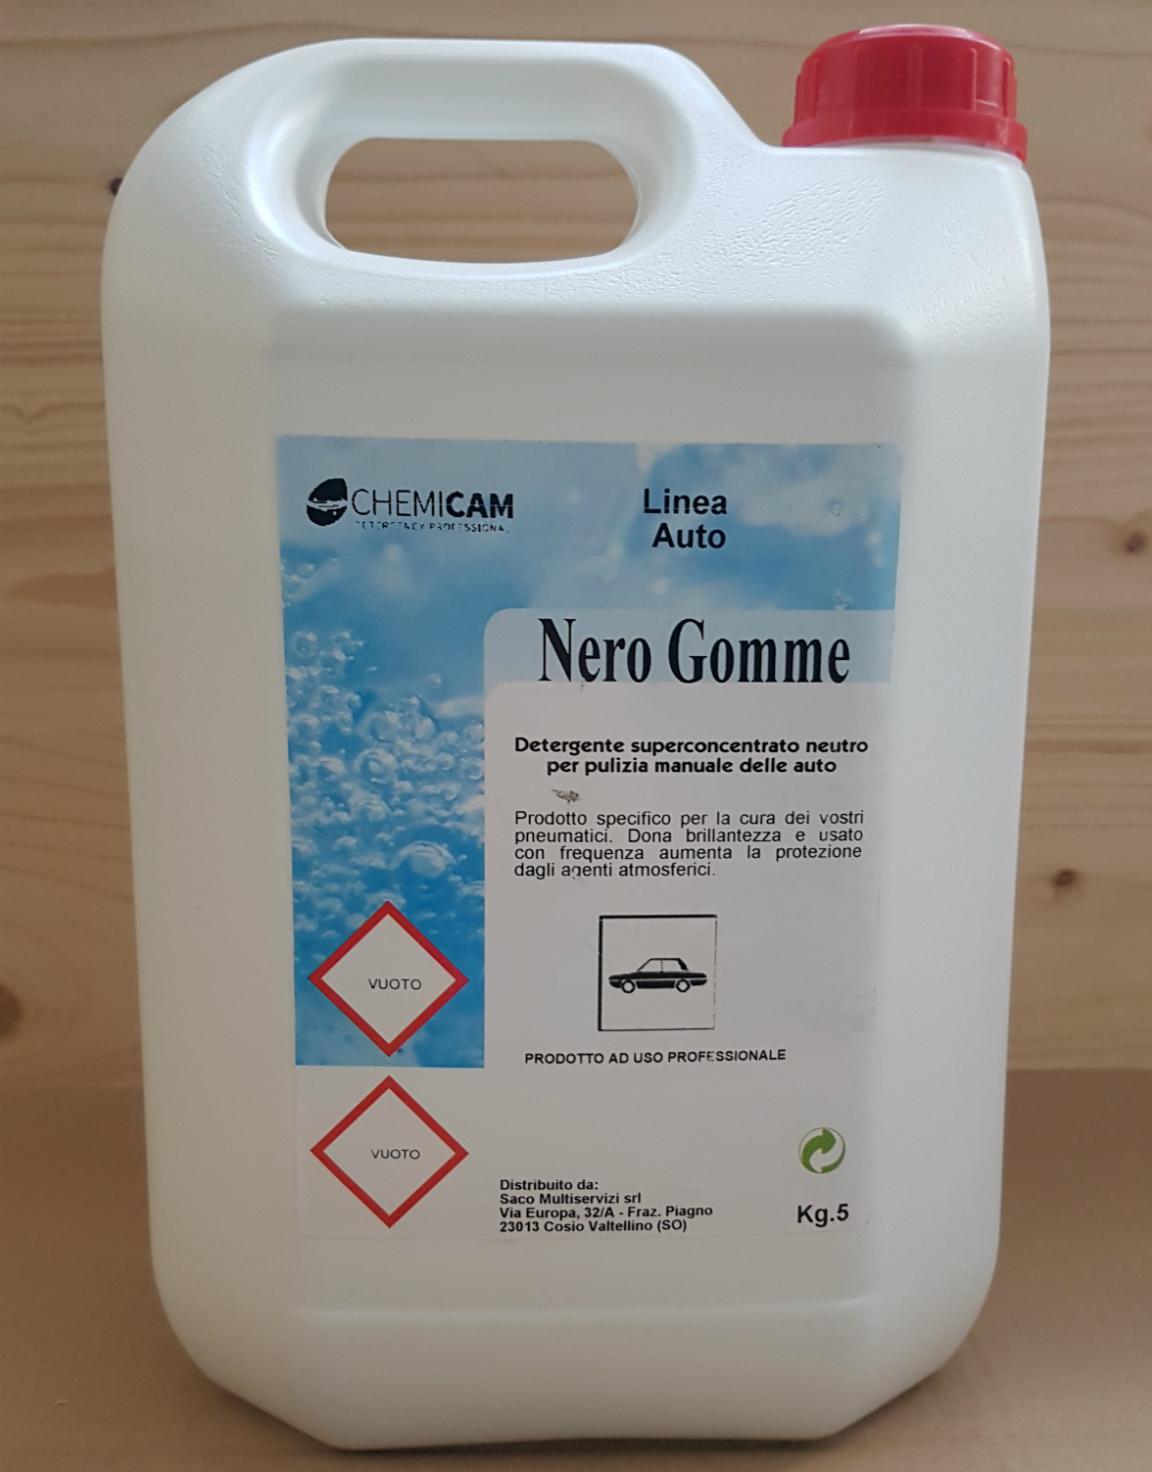 NERO GOMME - Prodotto specifico per la cura dei pneumatici.Dona brillantezza e usato con frequenza aumenta la protezione da agenti atmosferici.